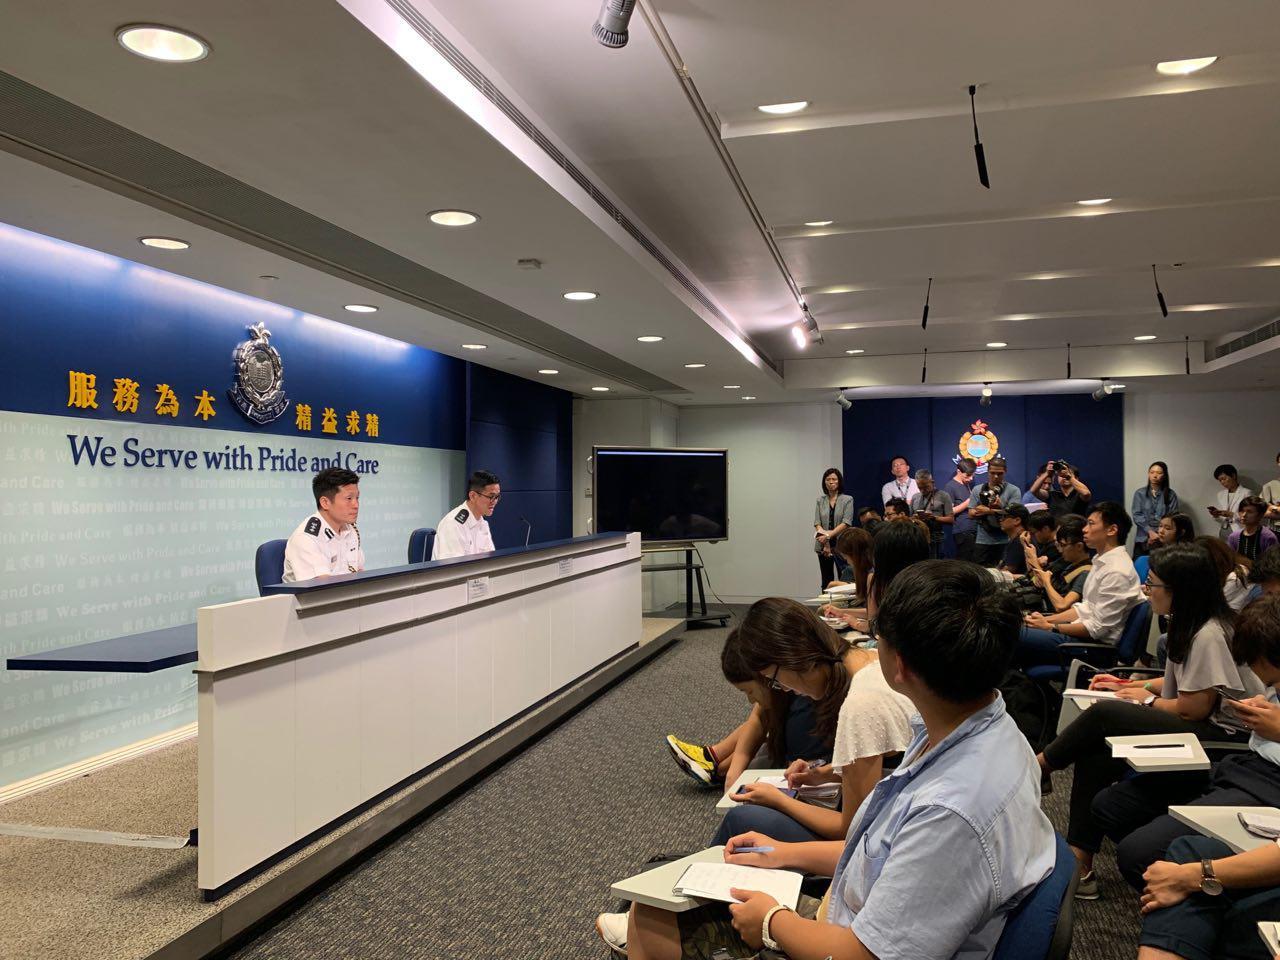 8月8日下午4點香港警方召開例行新聞會。面對記者的連串敏感問題,警方含糊其辭或拒絕回應。(駱亞 / 大紀元)